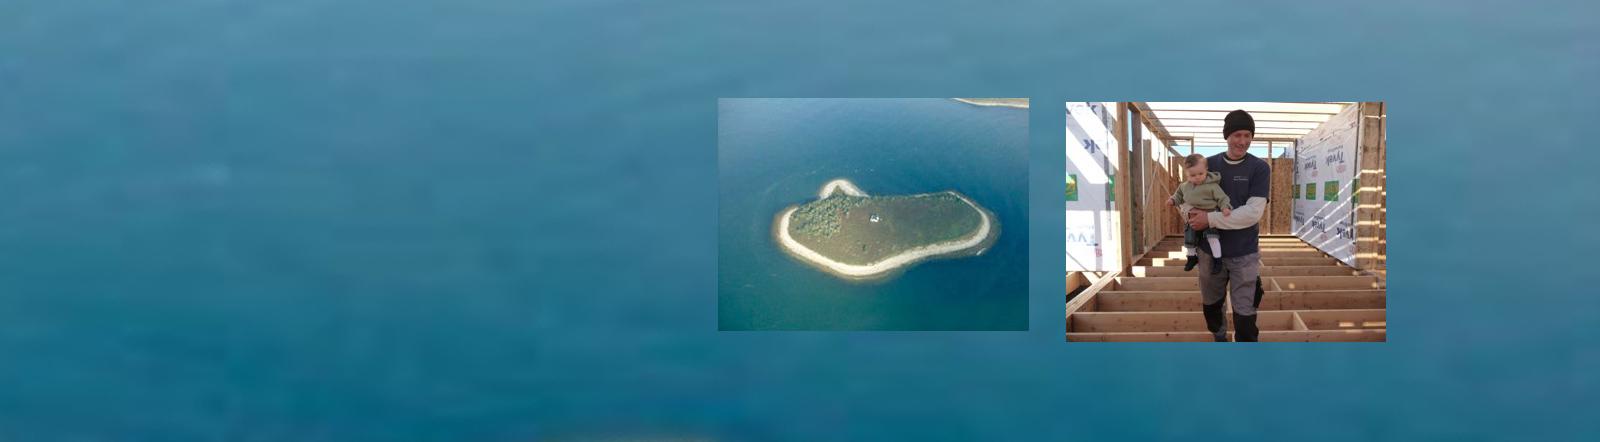 Boris Reininghaus gehört die Insel Marks Island in der Lobster Bay an der kanadischen Küste.